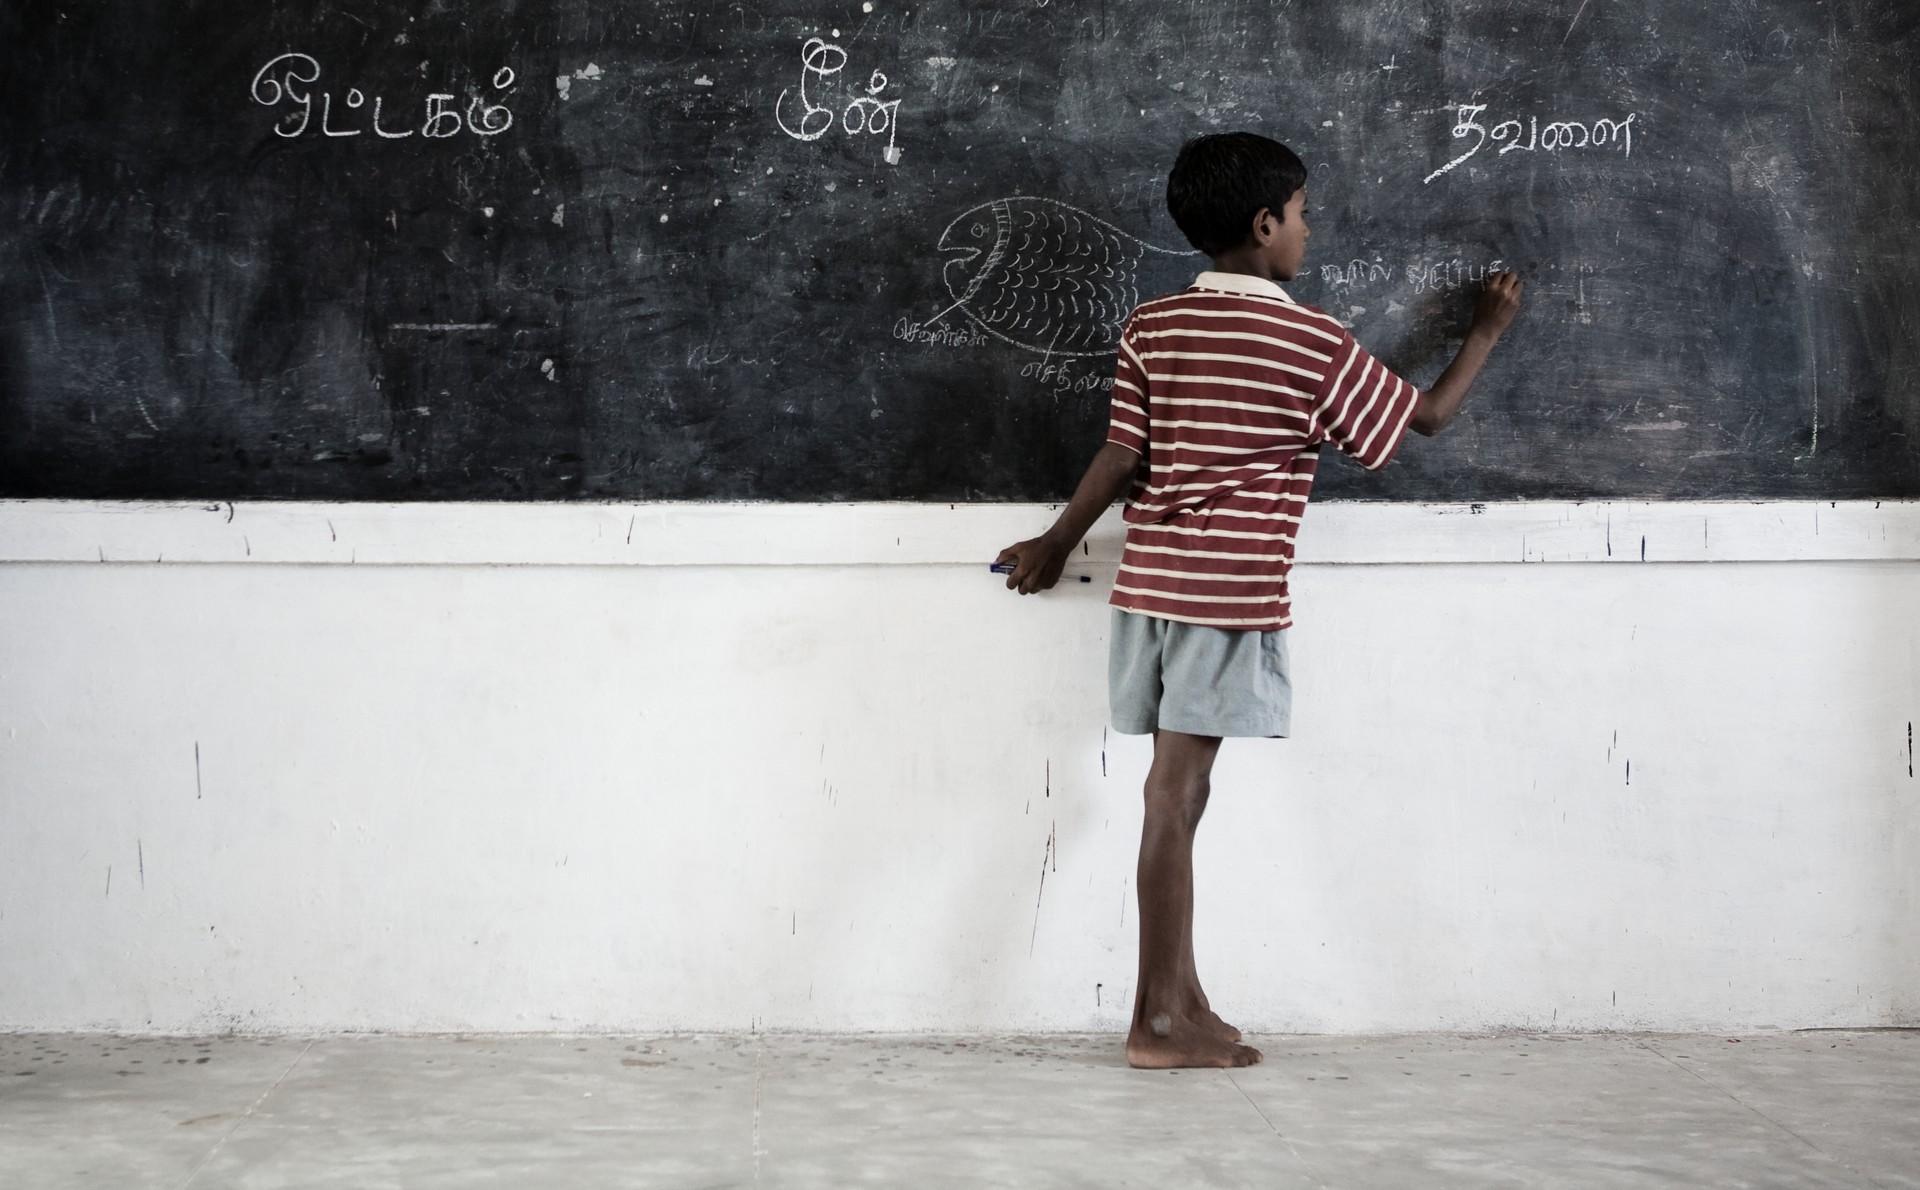 Foto di Mariavittoria Trovato. Sfruttamento del lavoro, sfruttamento dei bambini